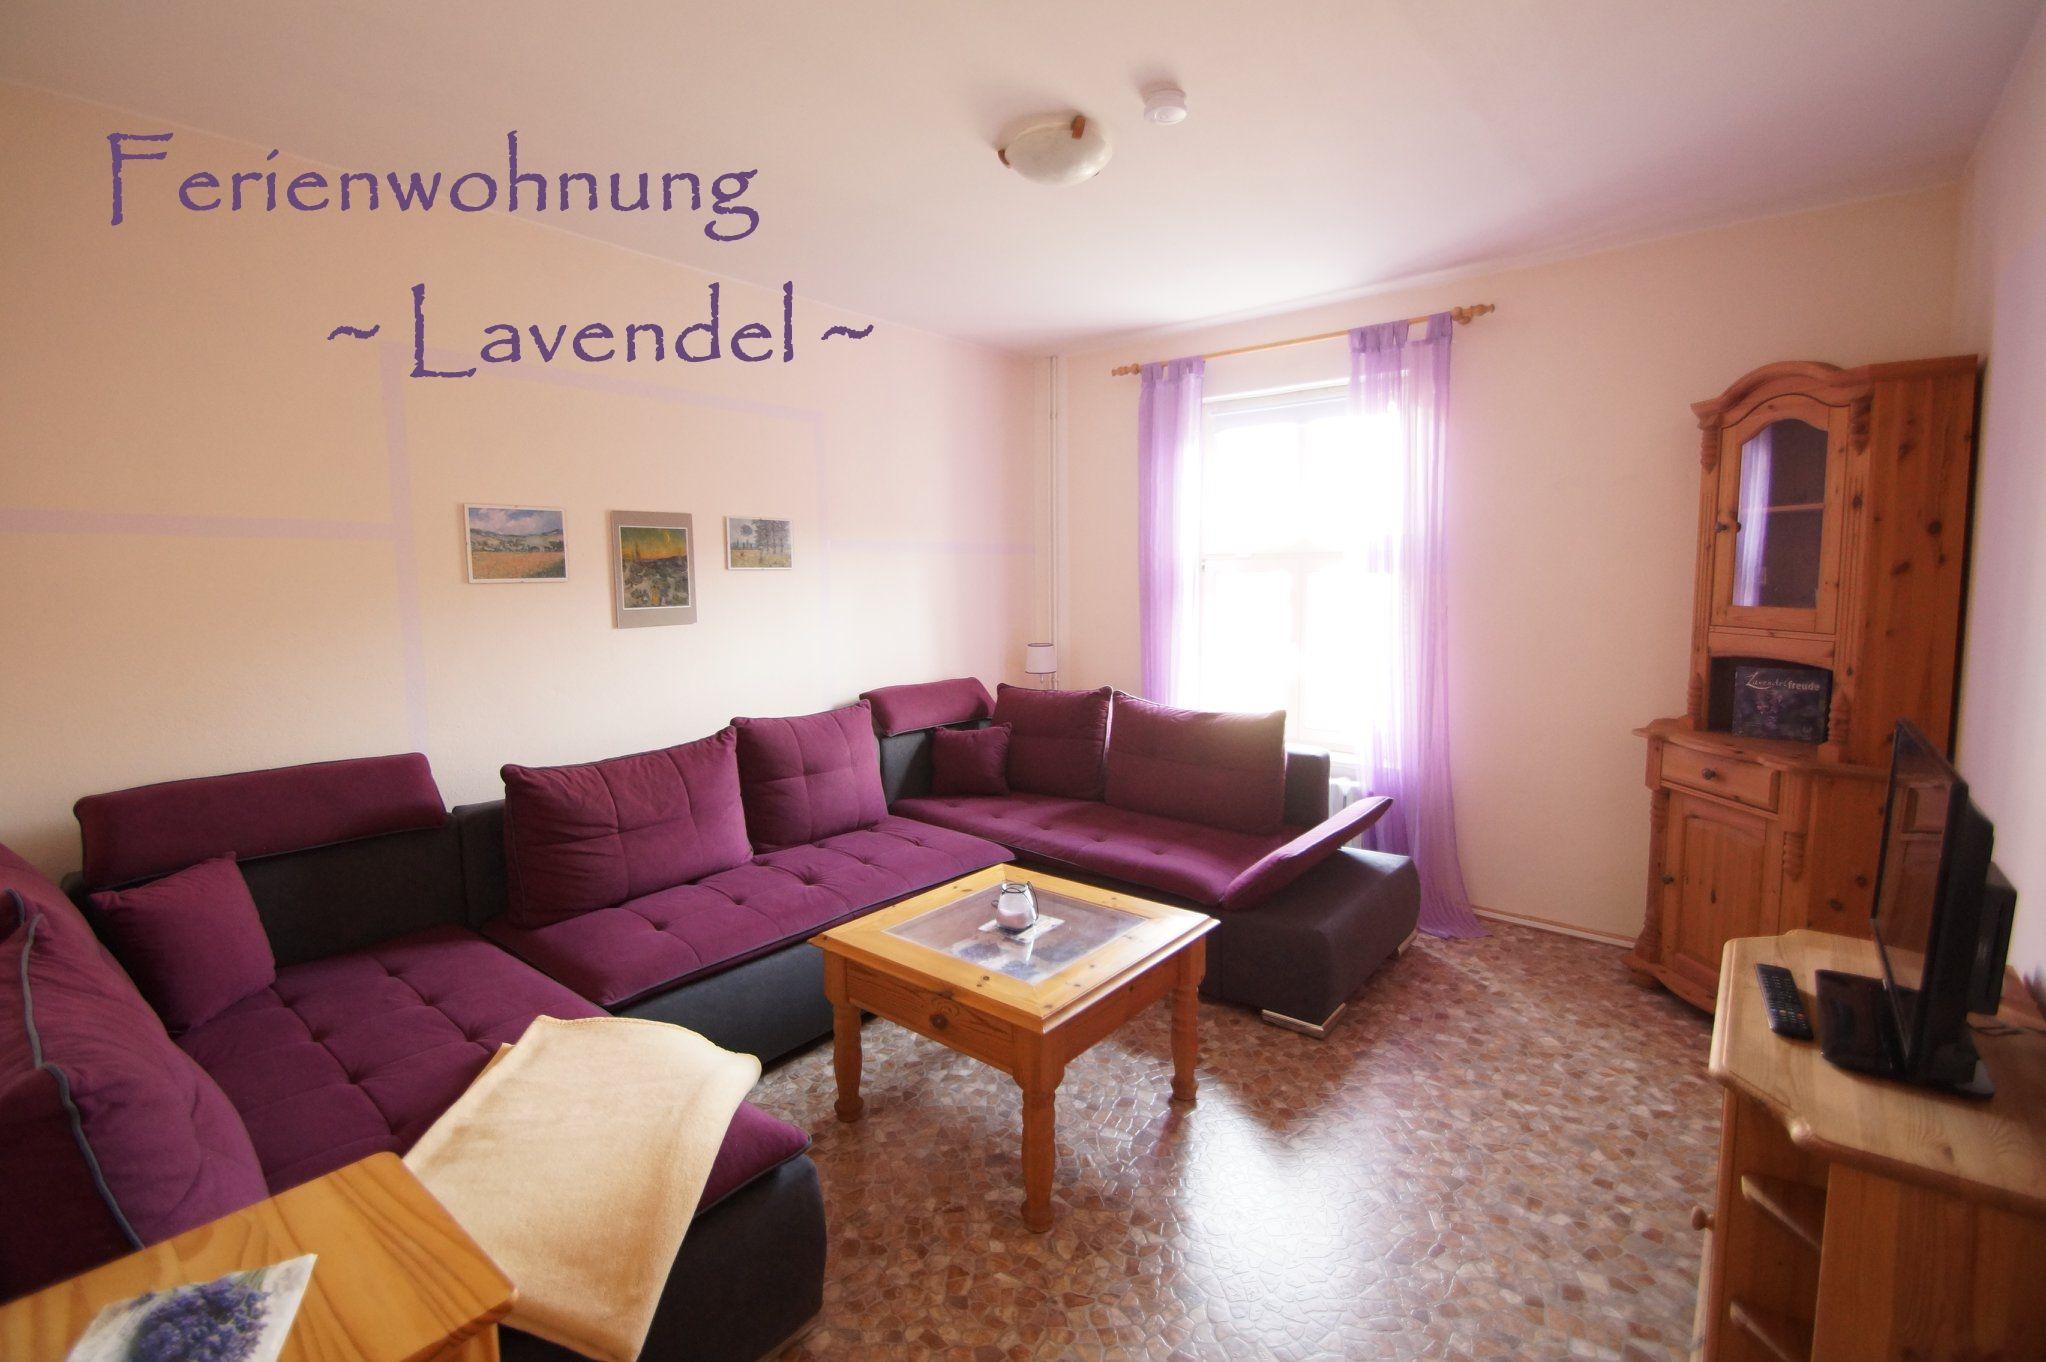 Elbschloss Kehnert Ferienwohnung Lavendel